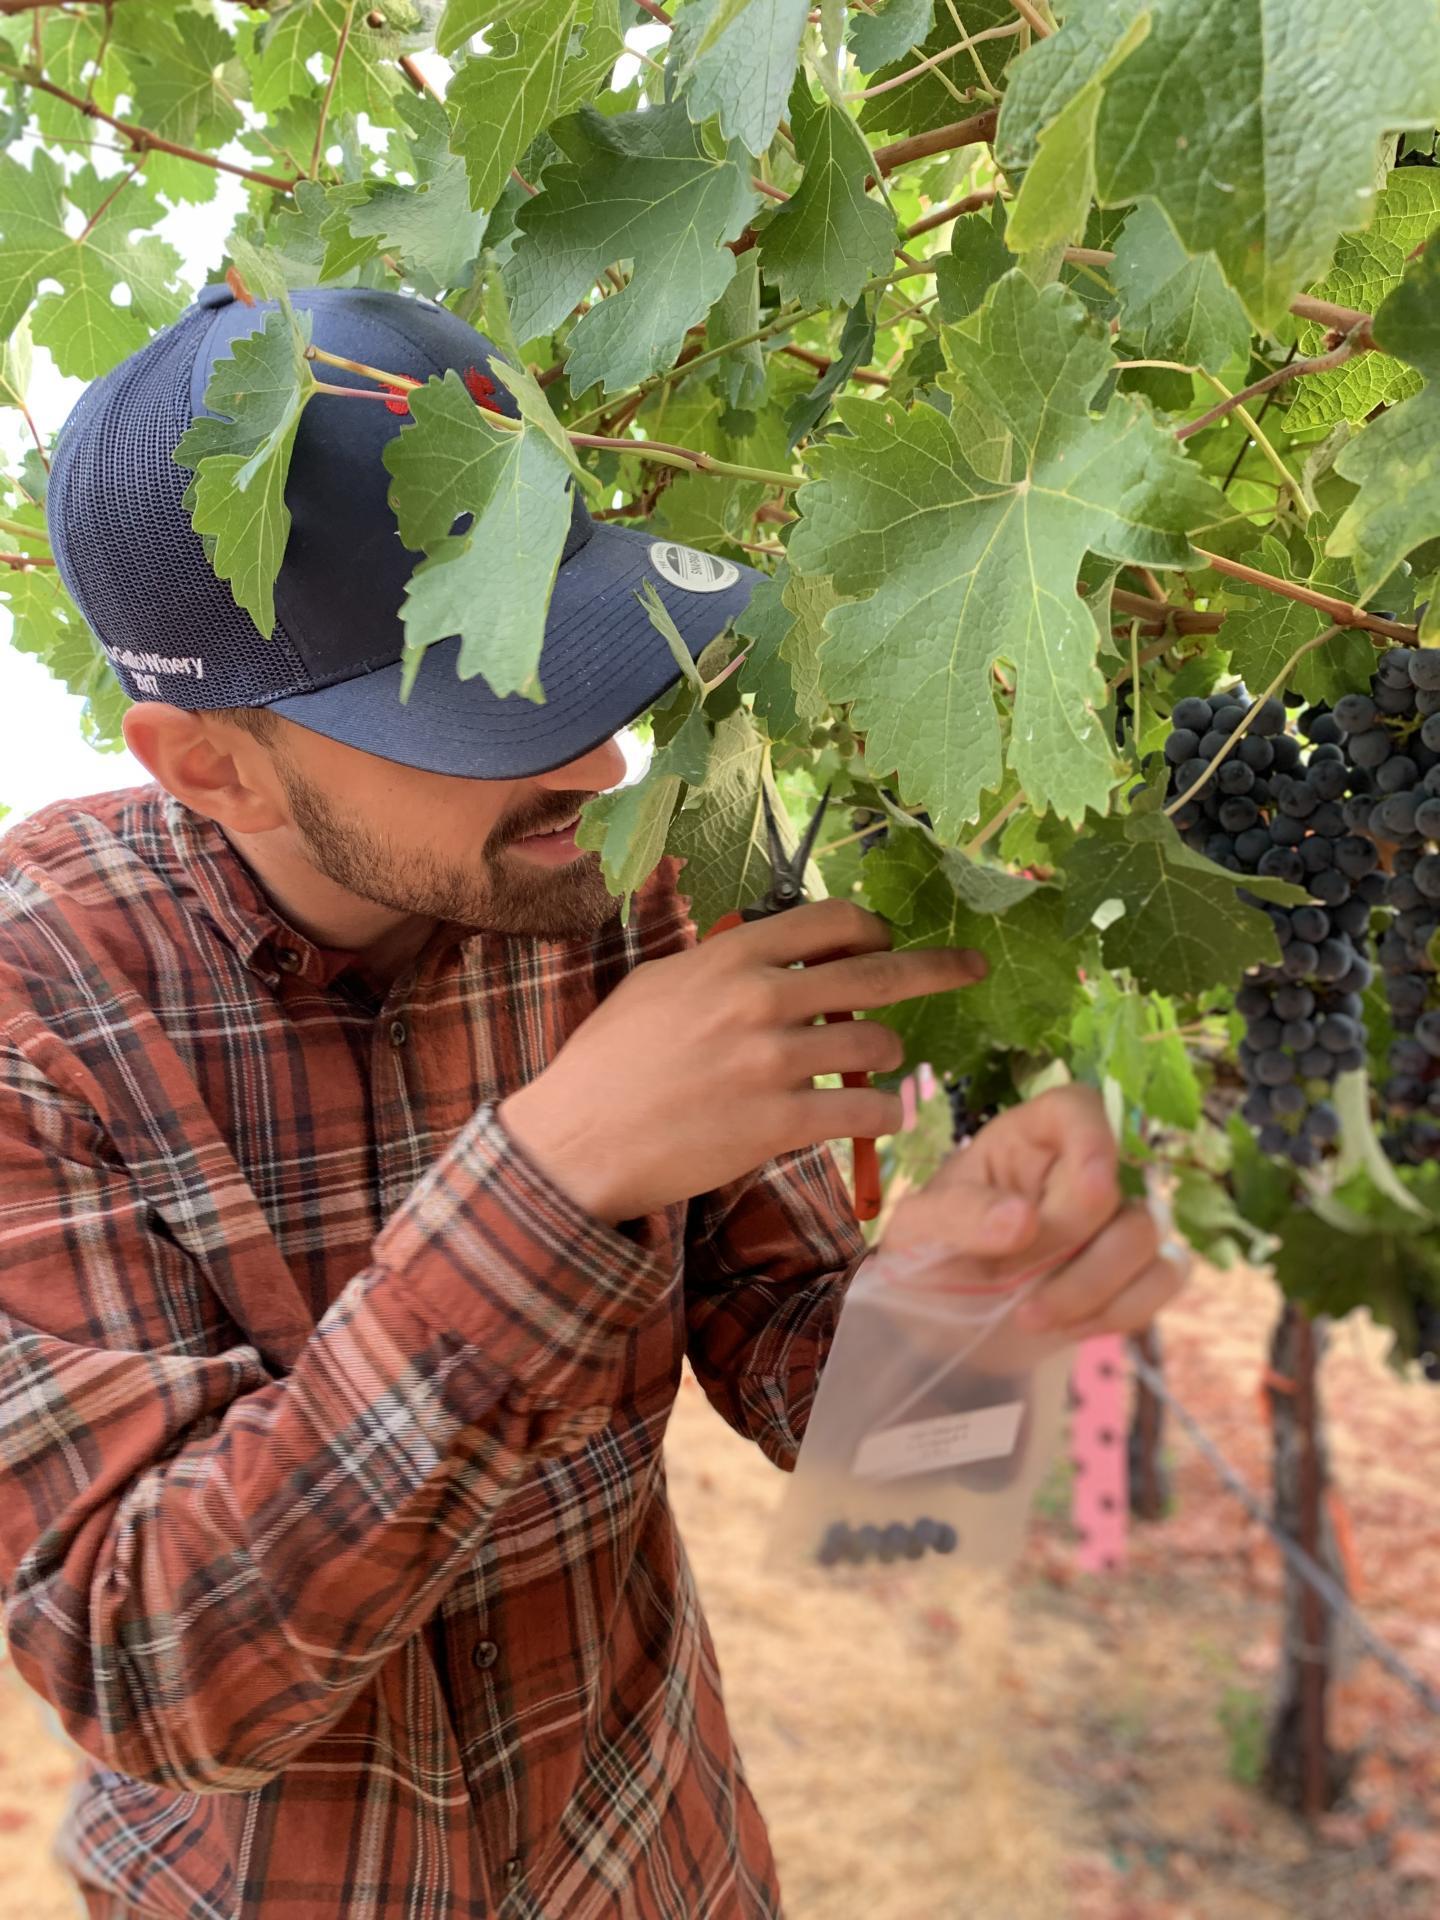 Researcher Pietro Previtali collecting grape samples.